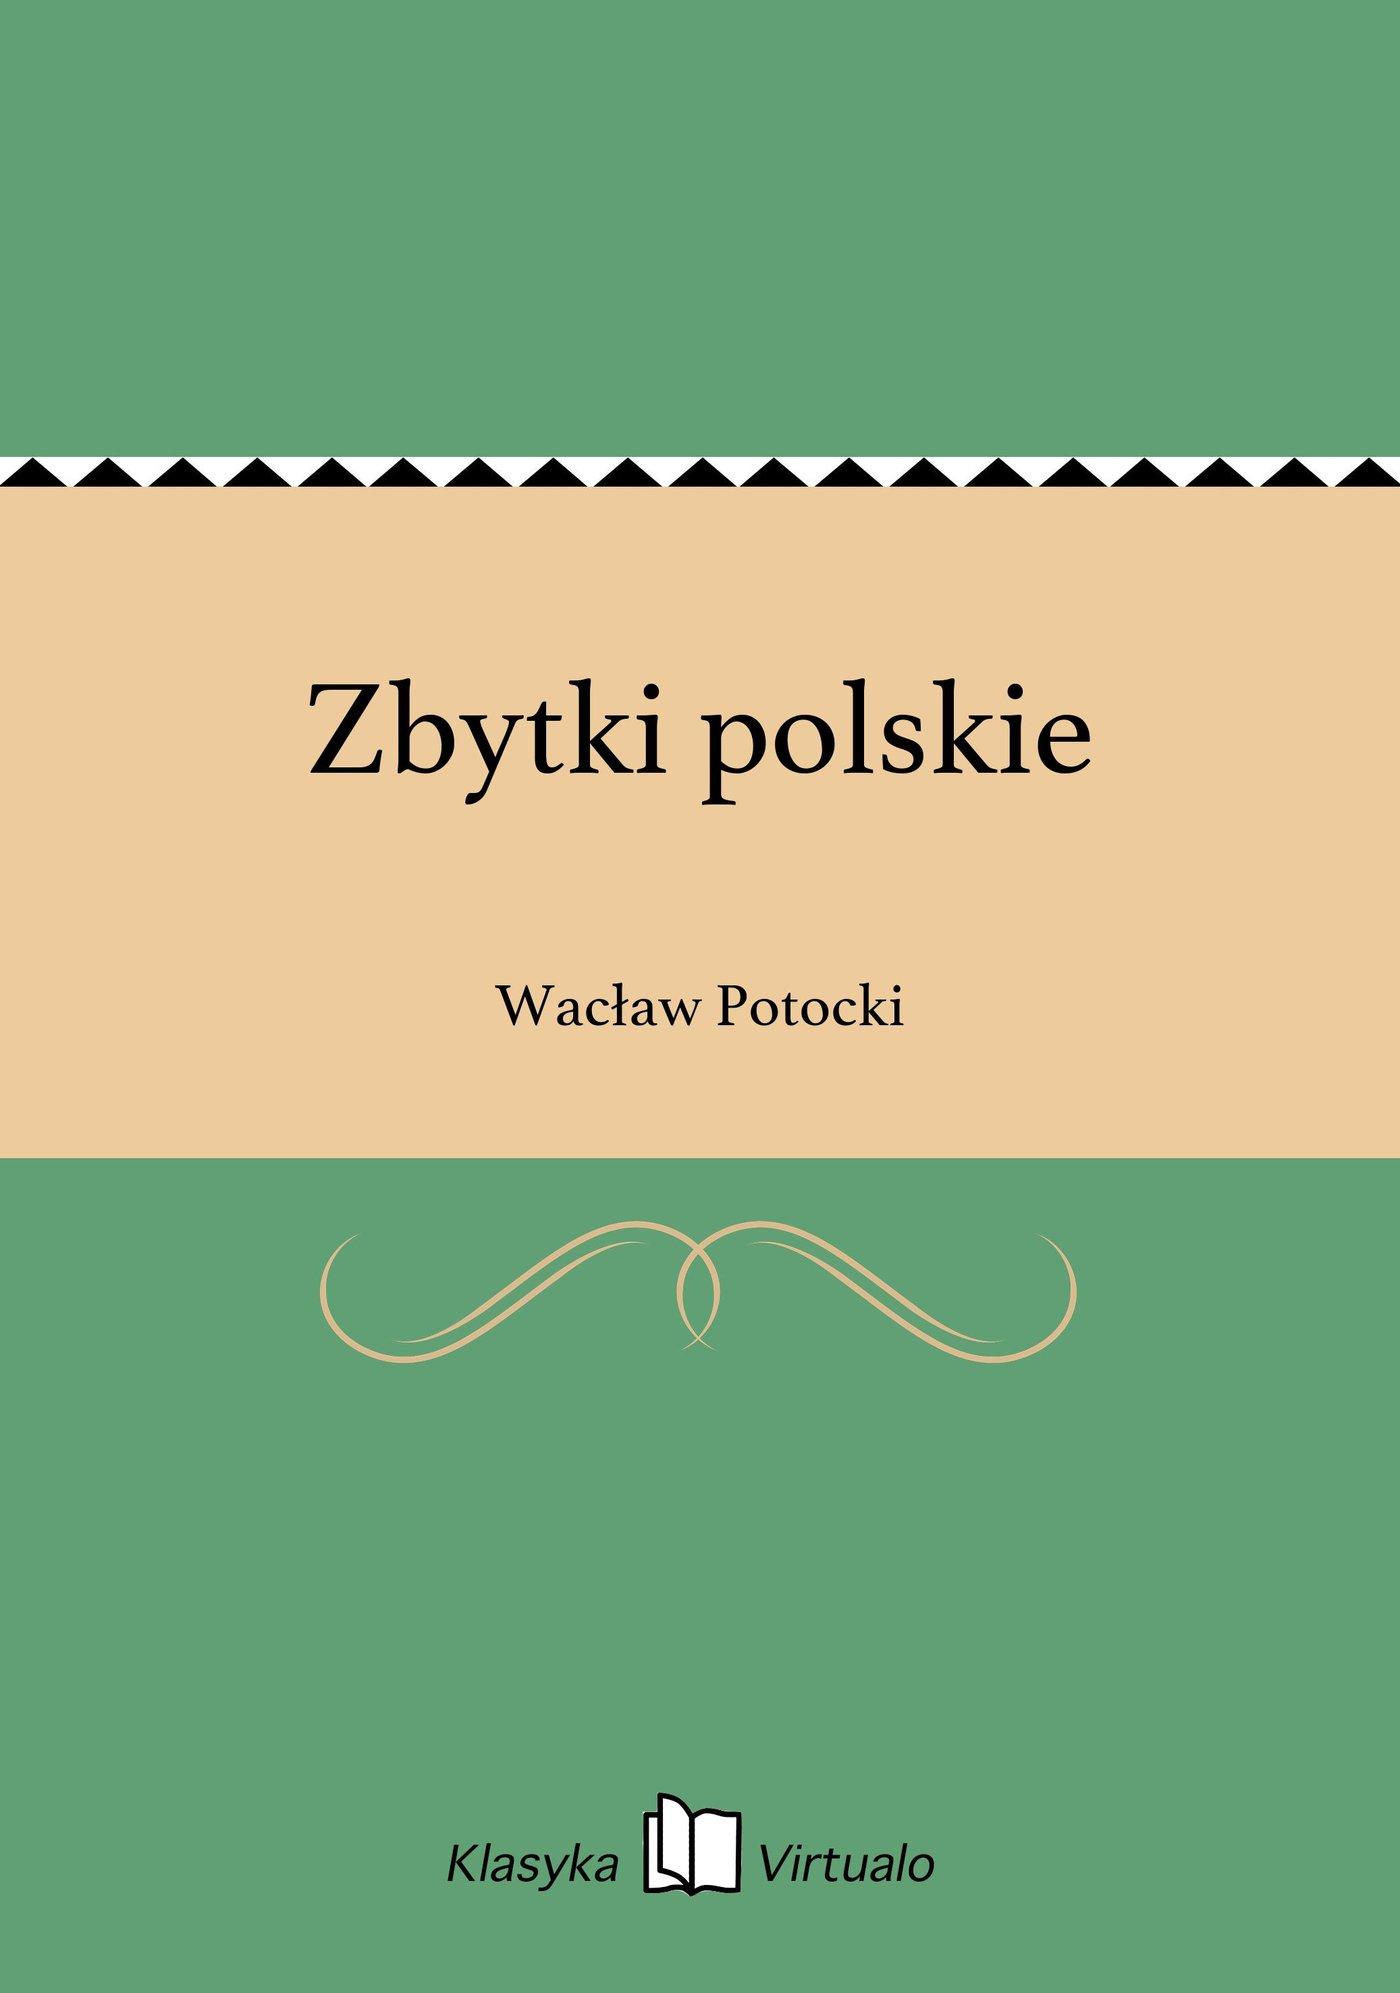 Zbytki polskie - Ebook (Książka EPUB) do pobrania w formacie EPUB